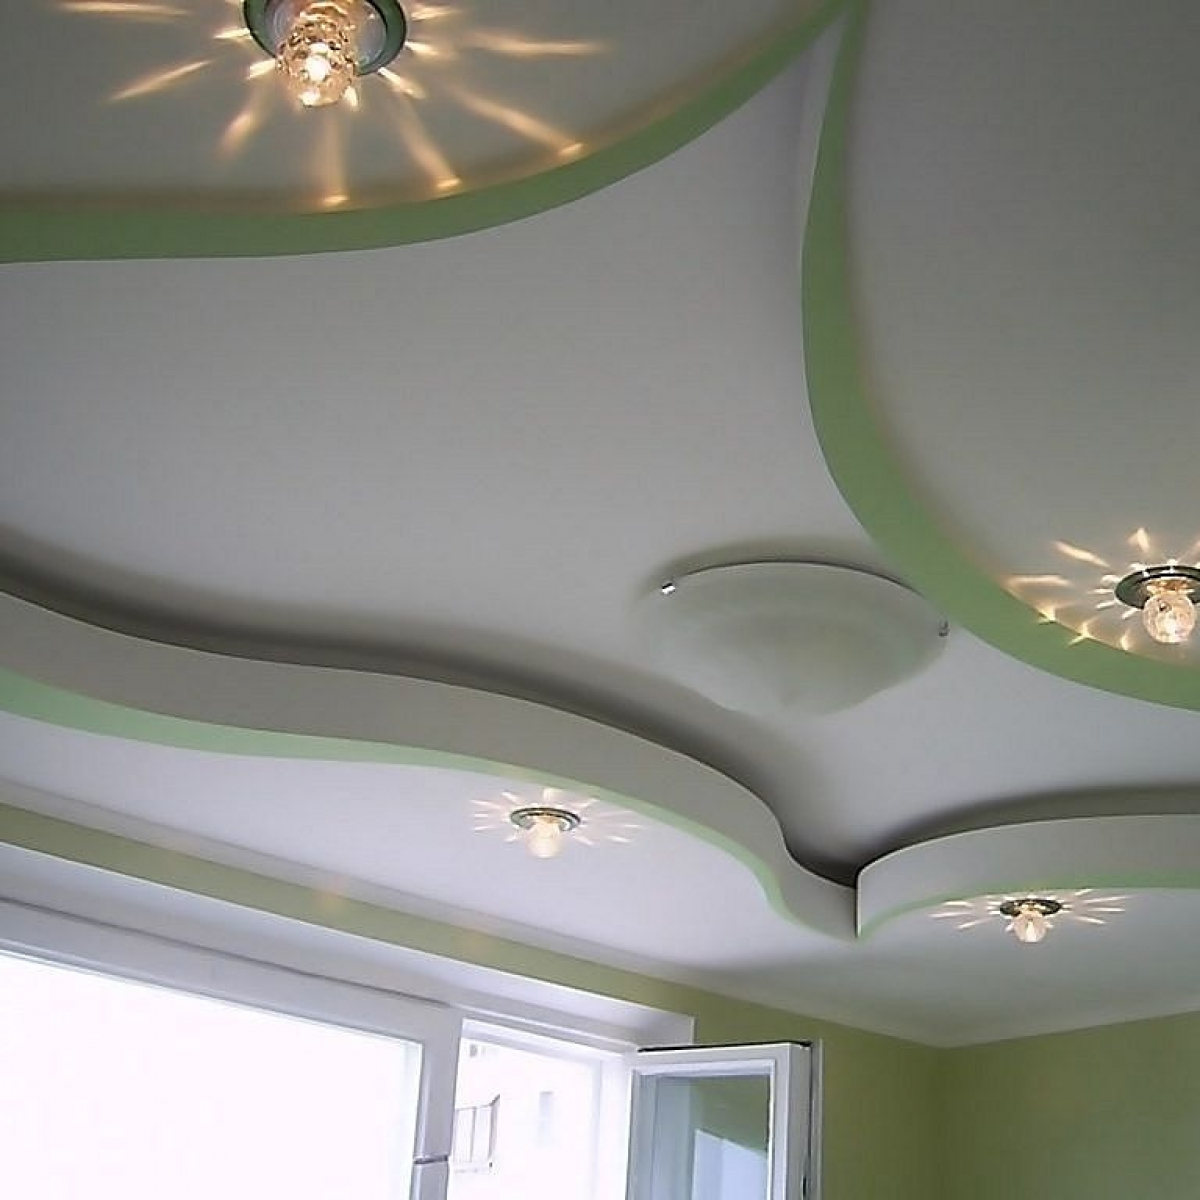 Підвісні стелі з гіпсокартону дизайн фото